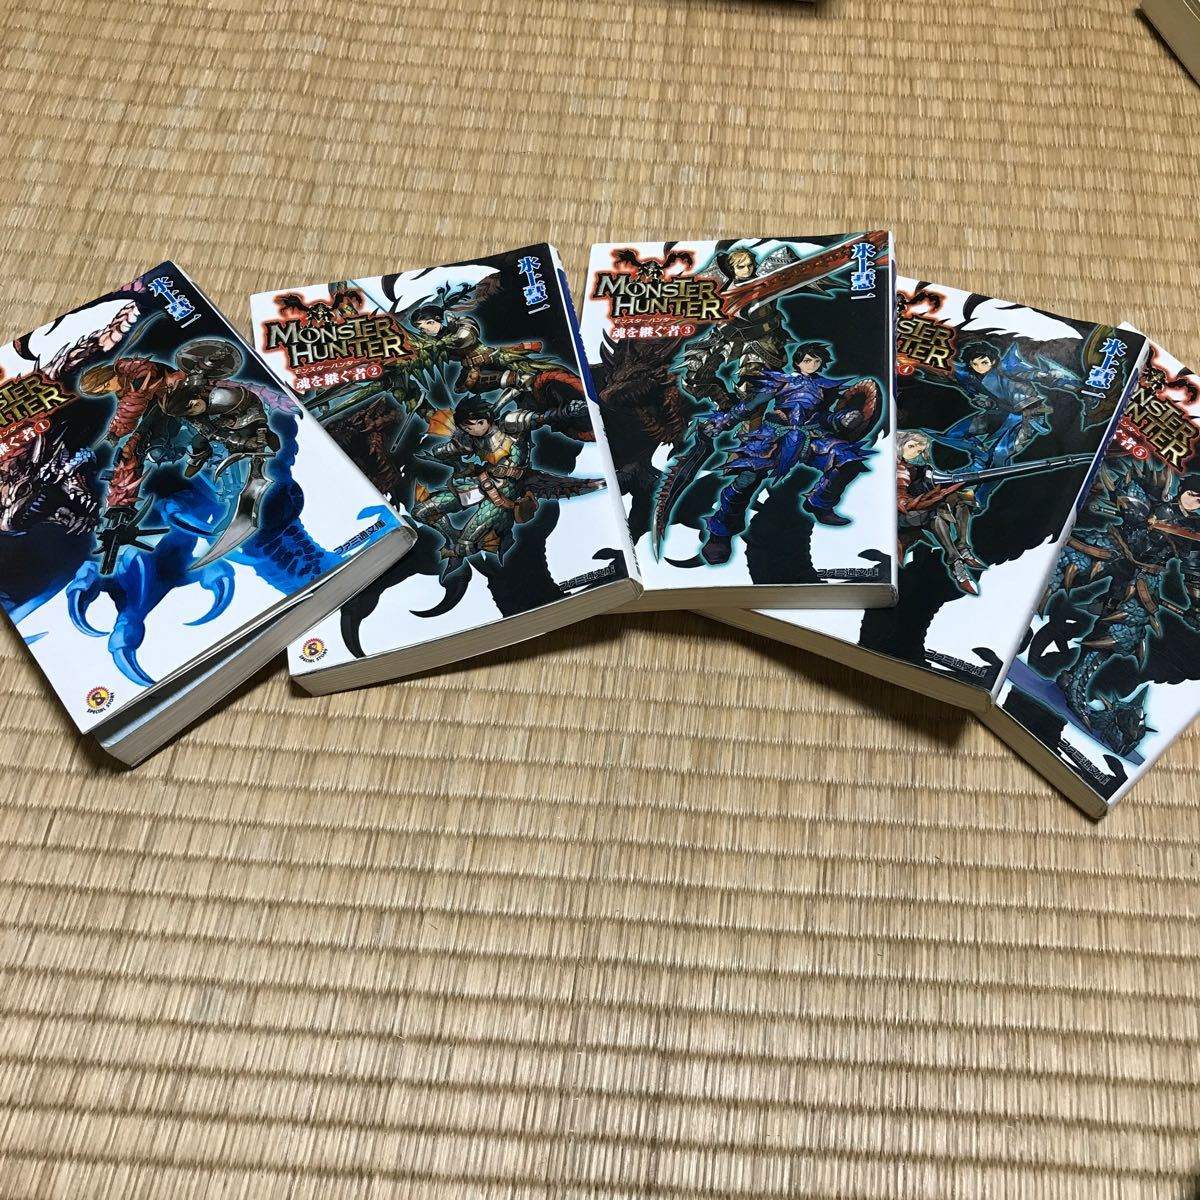 モンスターハンター 魂を継ぐ者 文庫 全1〜5巻完結 (文庫) 全巻セット 中古